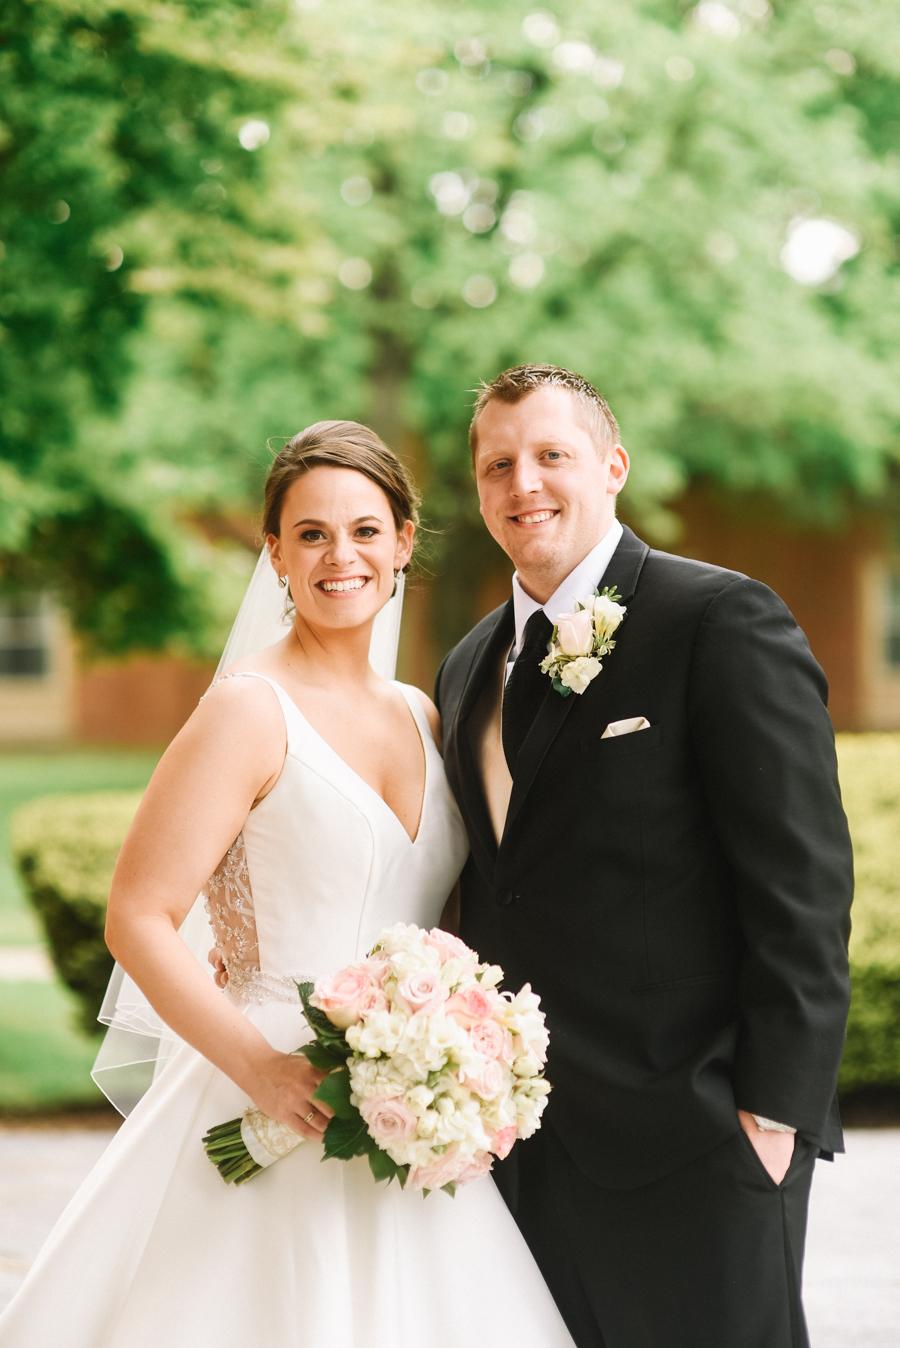 Dearborn_Inn_Wedding_Photos-47.jpg